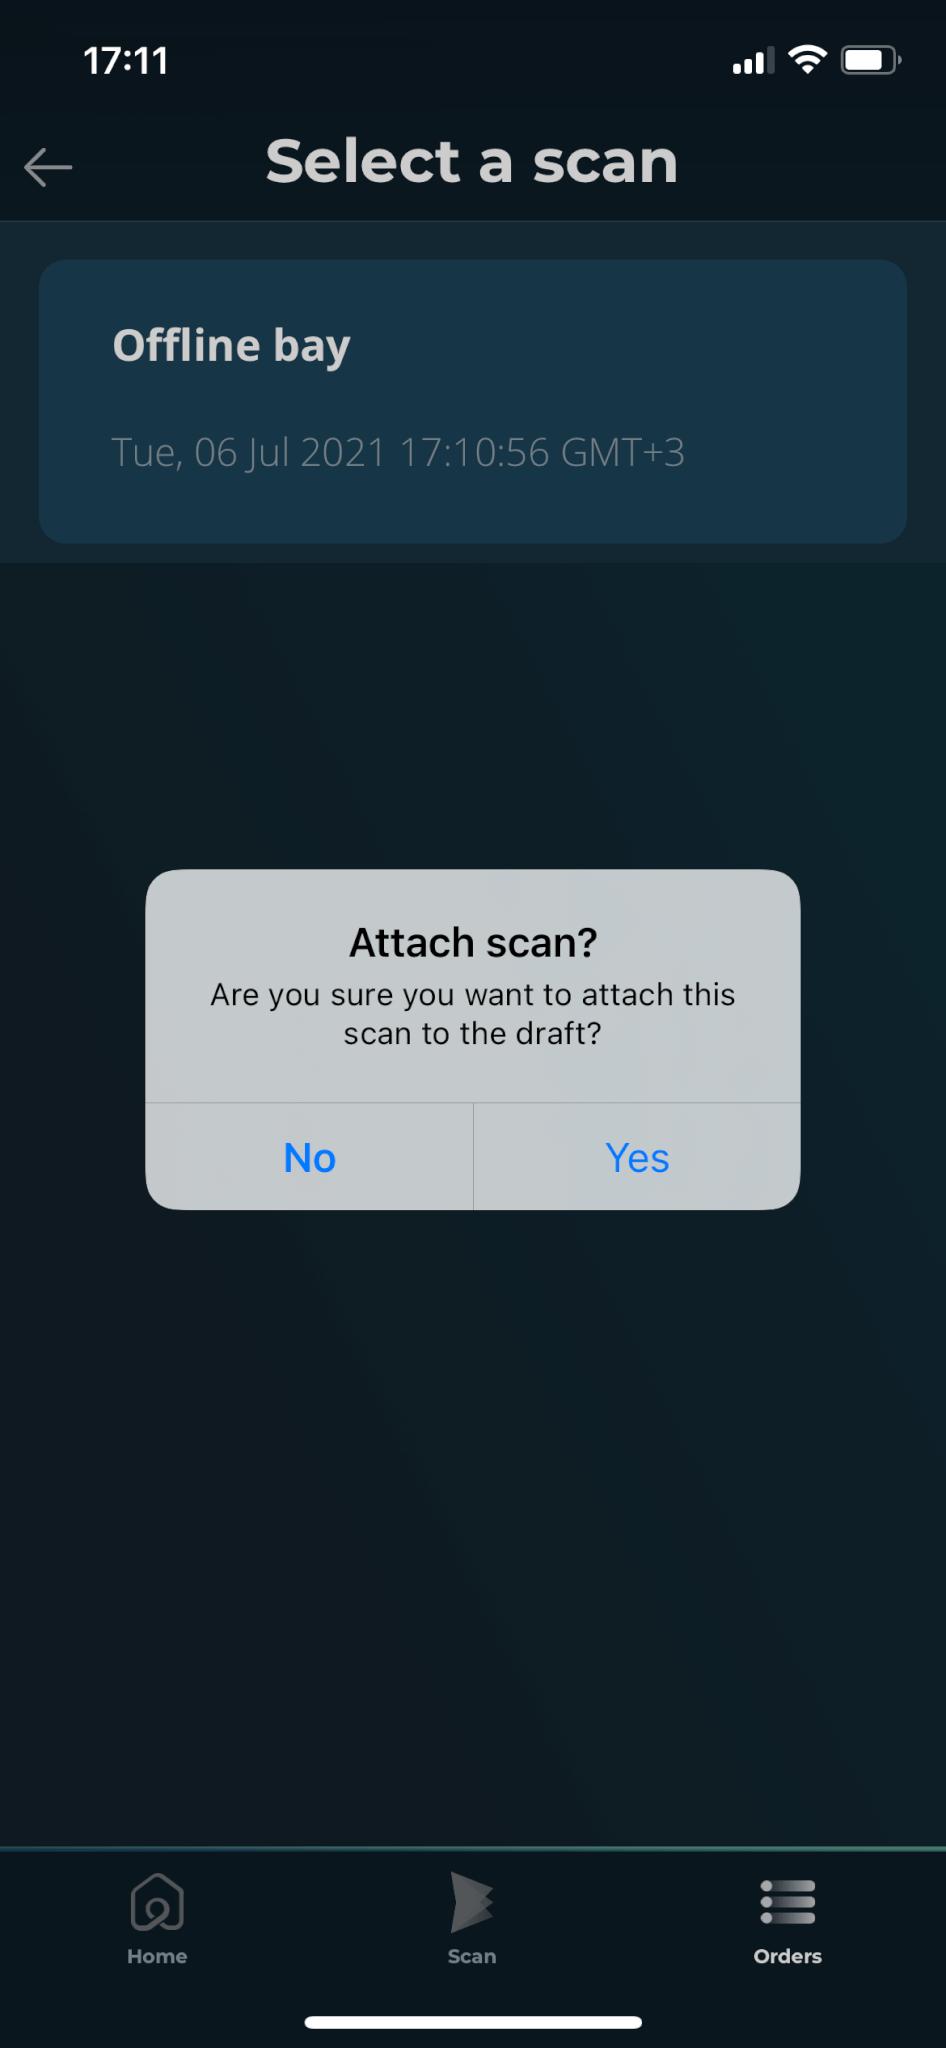 Attach a scan